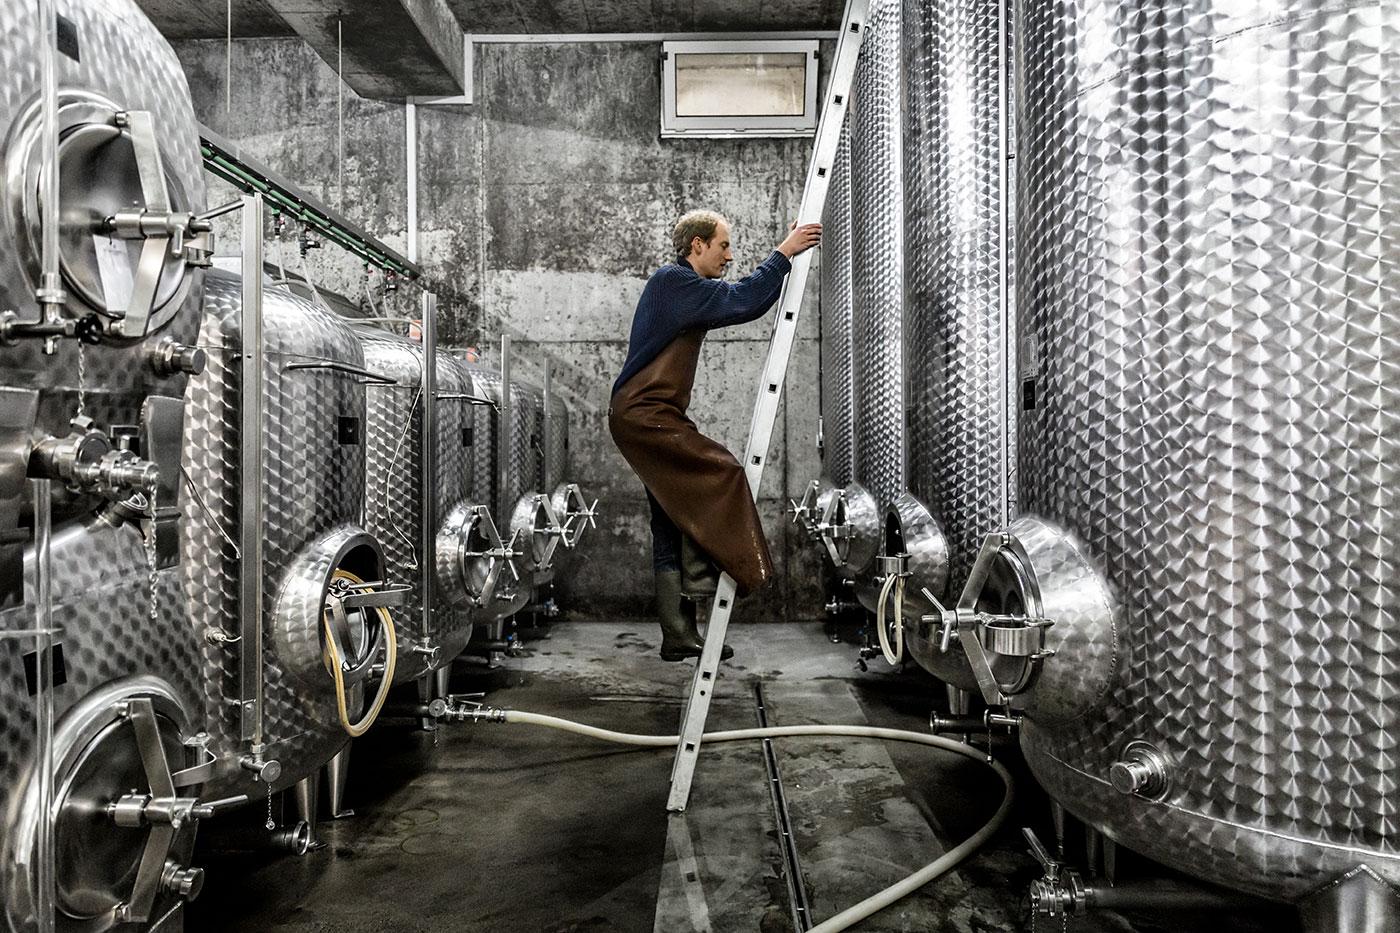 Die_Weinmacher_Franken_Das_Weinjahr_Winter_Kellerarbeit